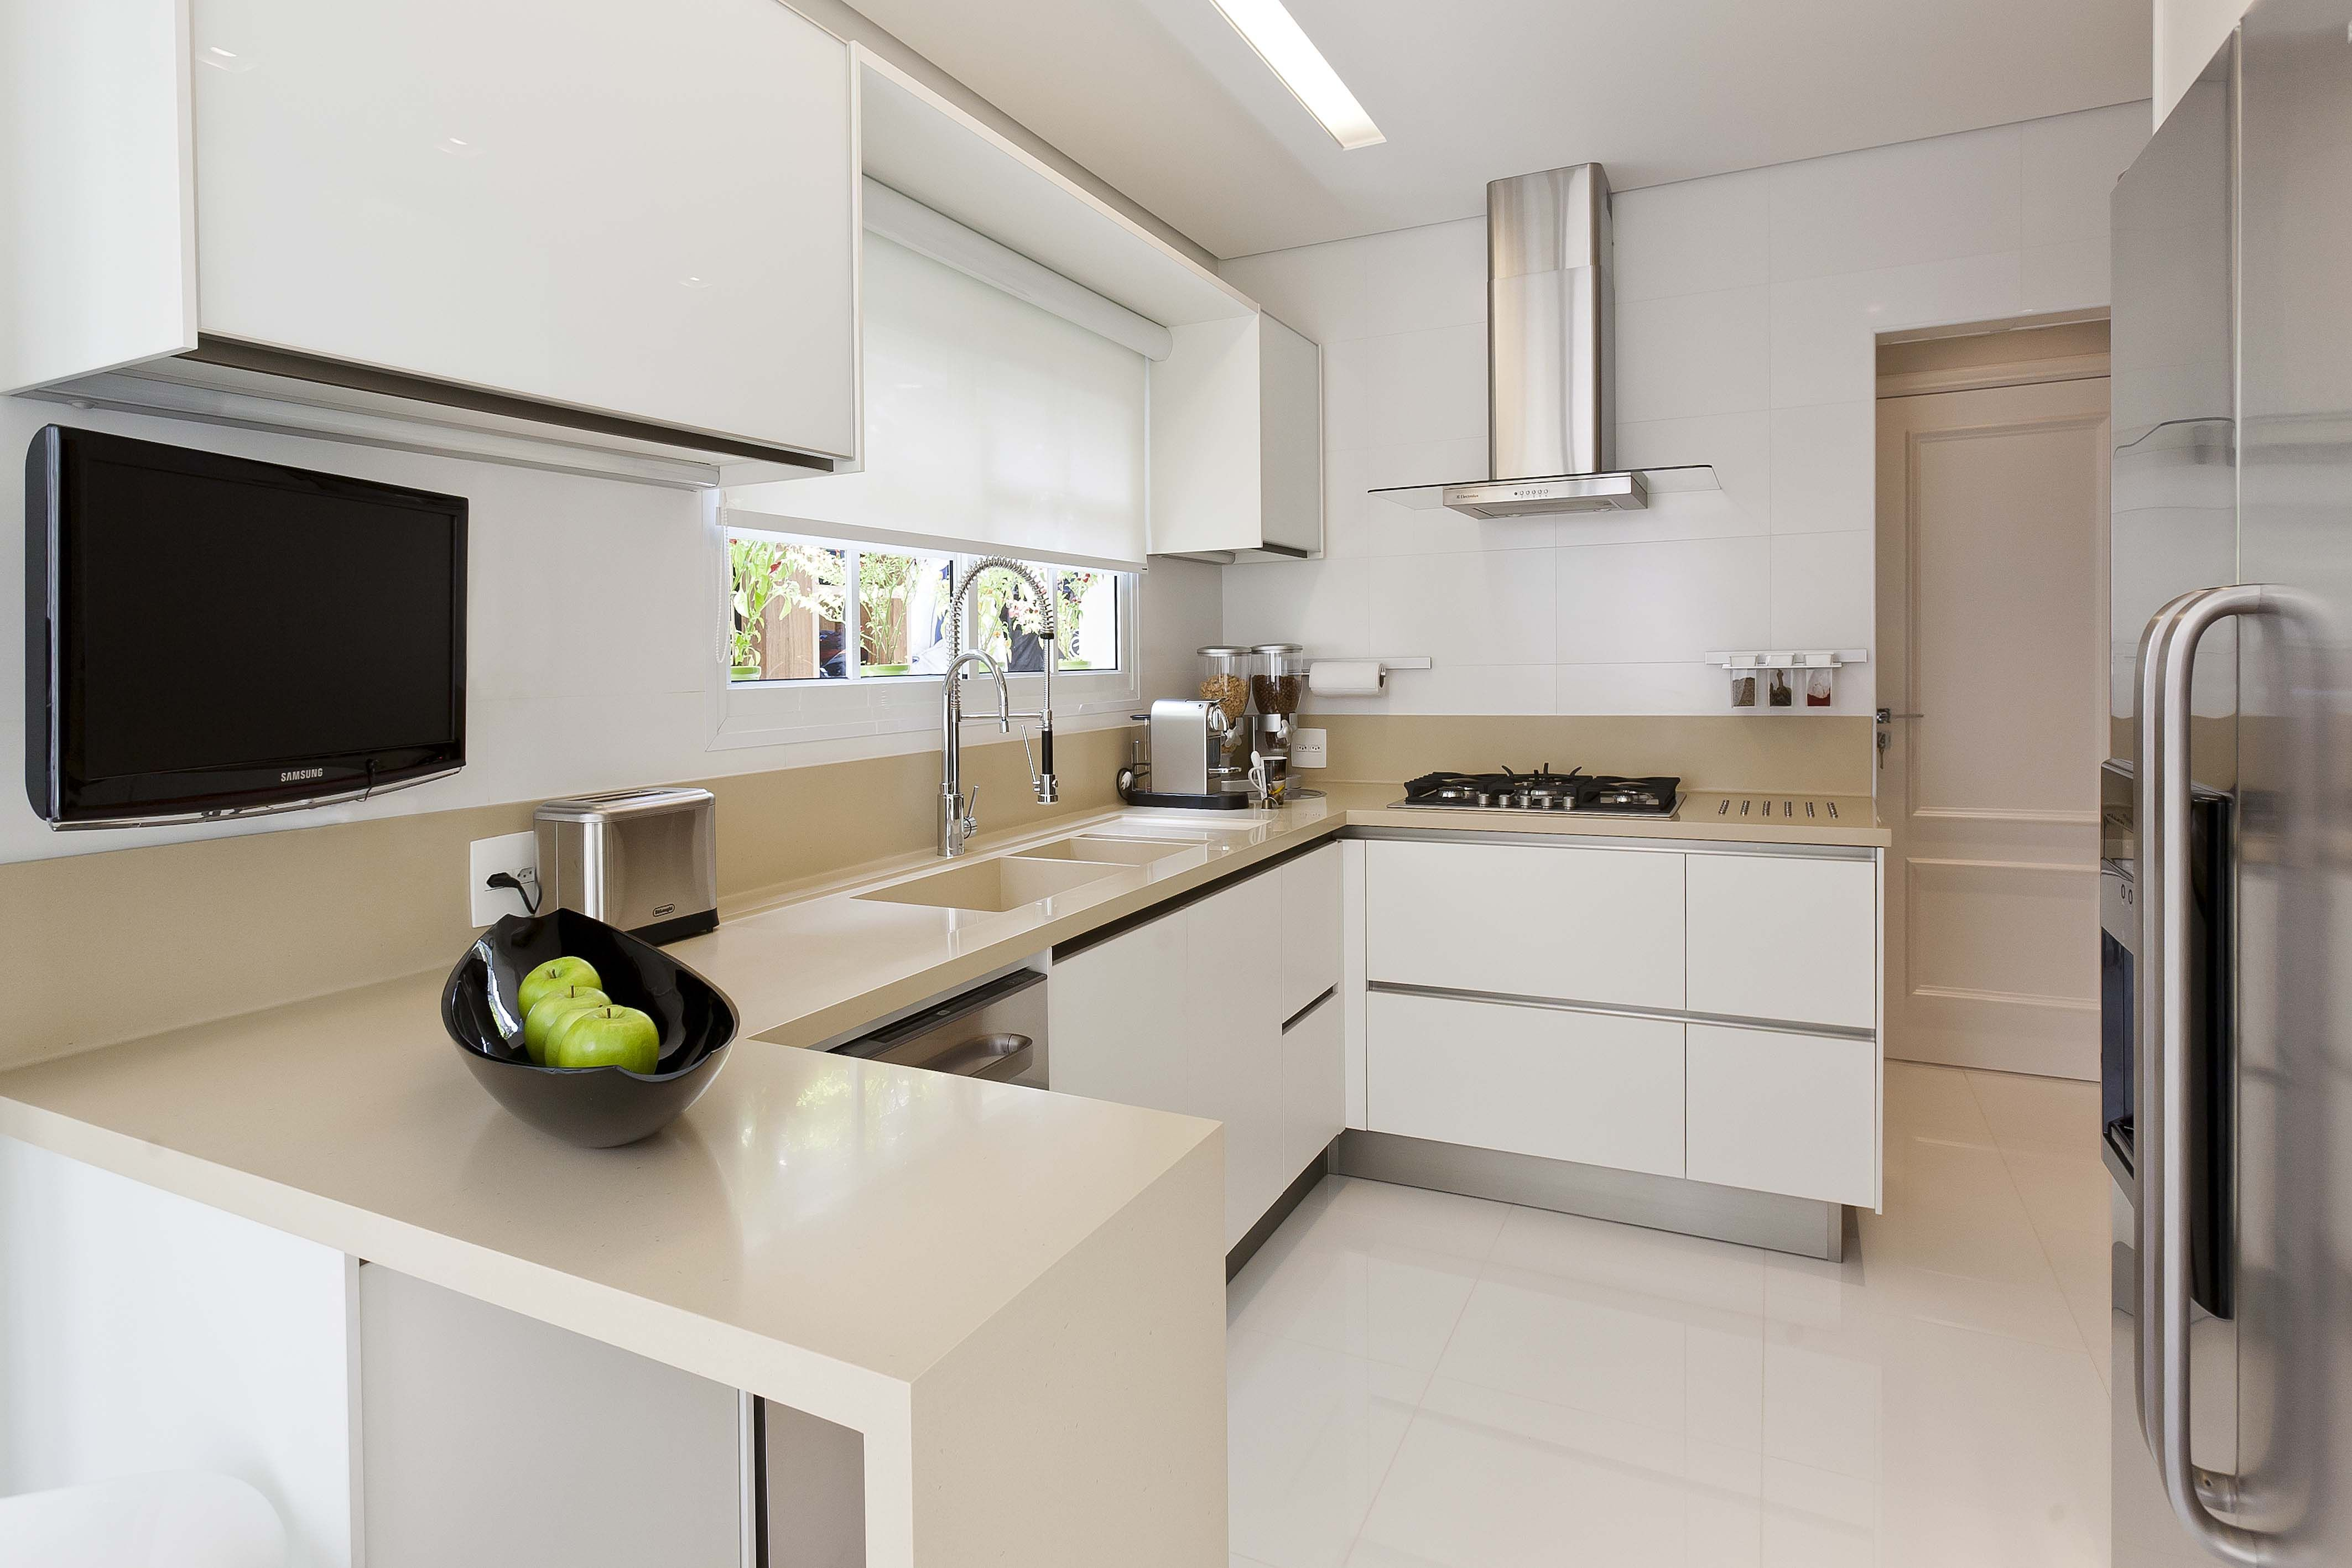 Cozinha projeto mayra lopes produto cer mica portinari for Cocinas modernas chiquitas